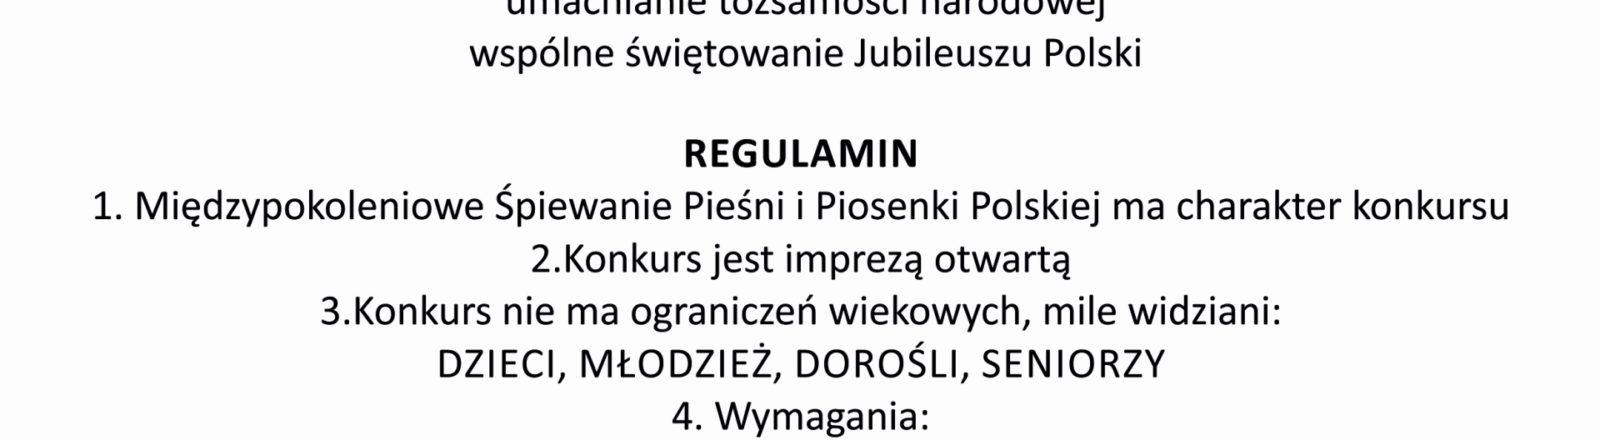 Międzypokoleniowe Śpiewanie Pieśni i Piosenki Polskiej z okazji 100 lecia Odzyskania Niepodległości Polski